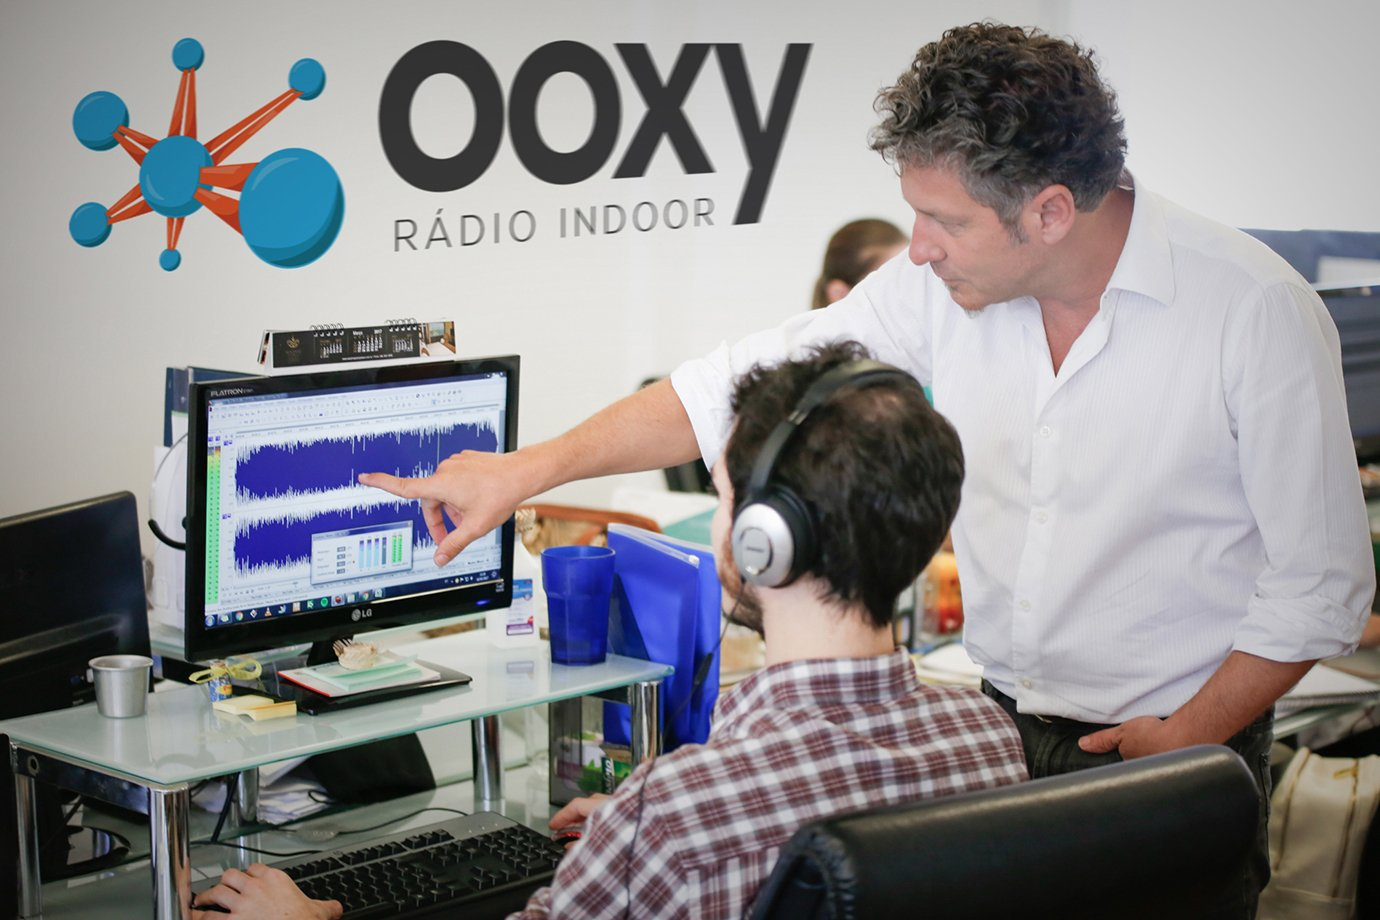 Ooxy Radio Indoor